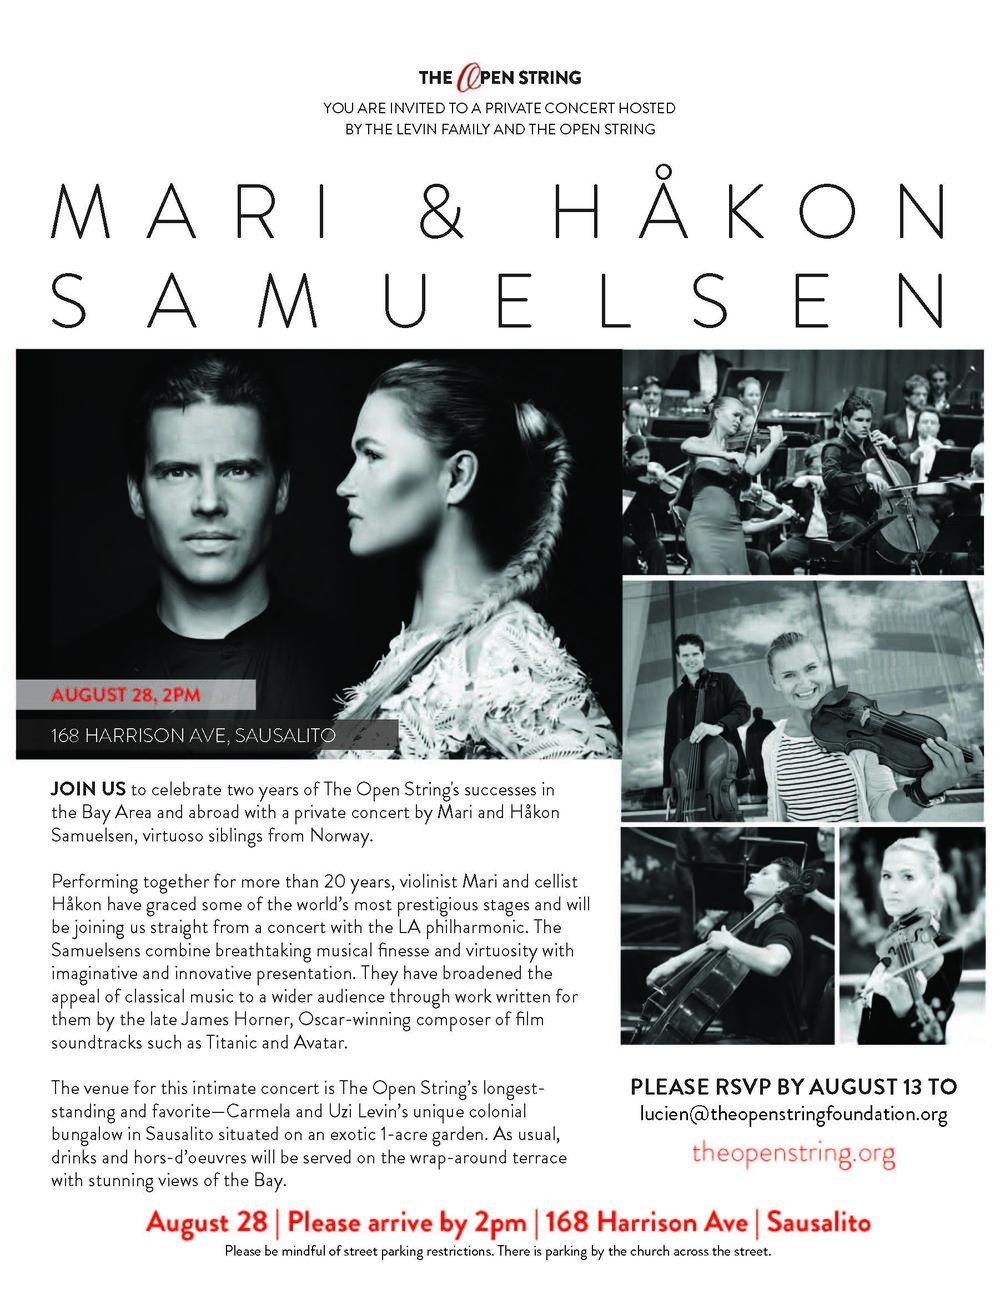 TOS Samuelsen Concert.jpg